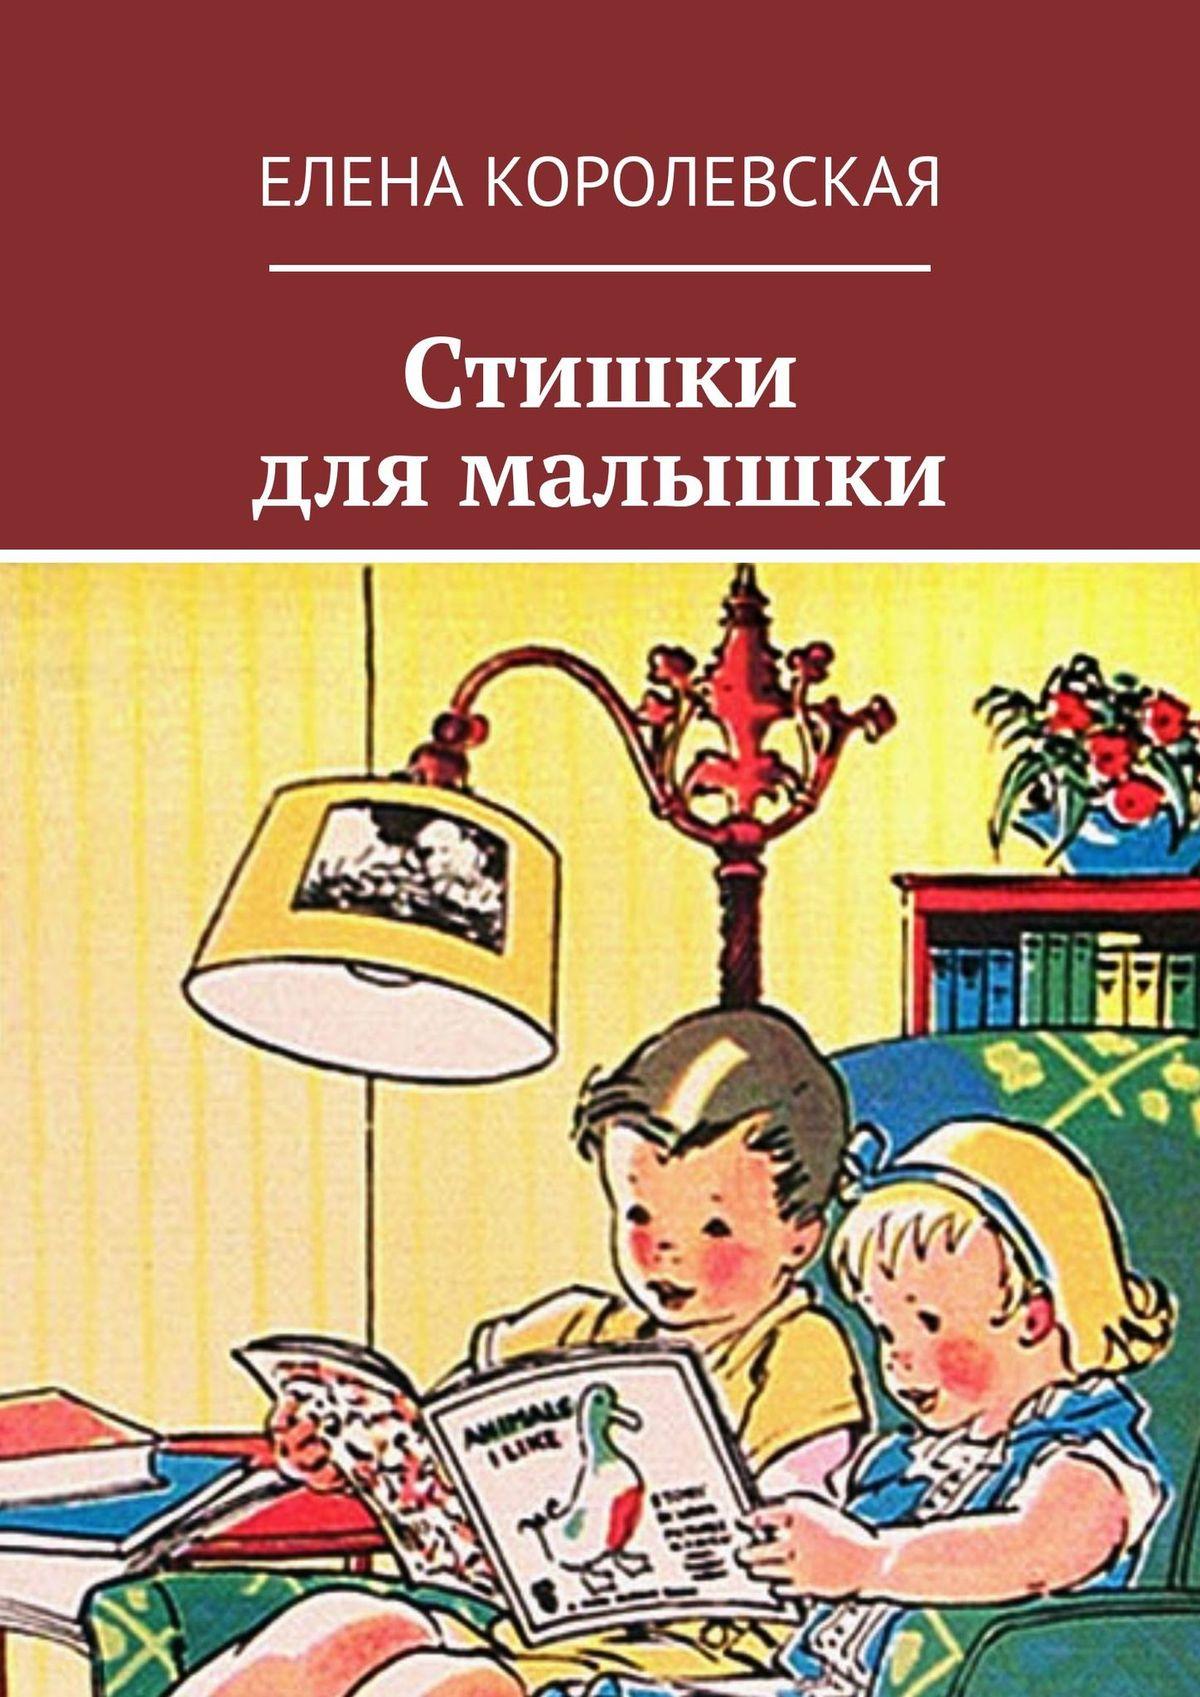 Елена Королевская Стишки для малышки